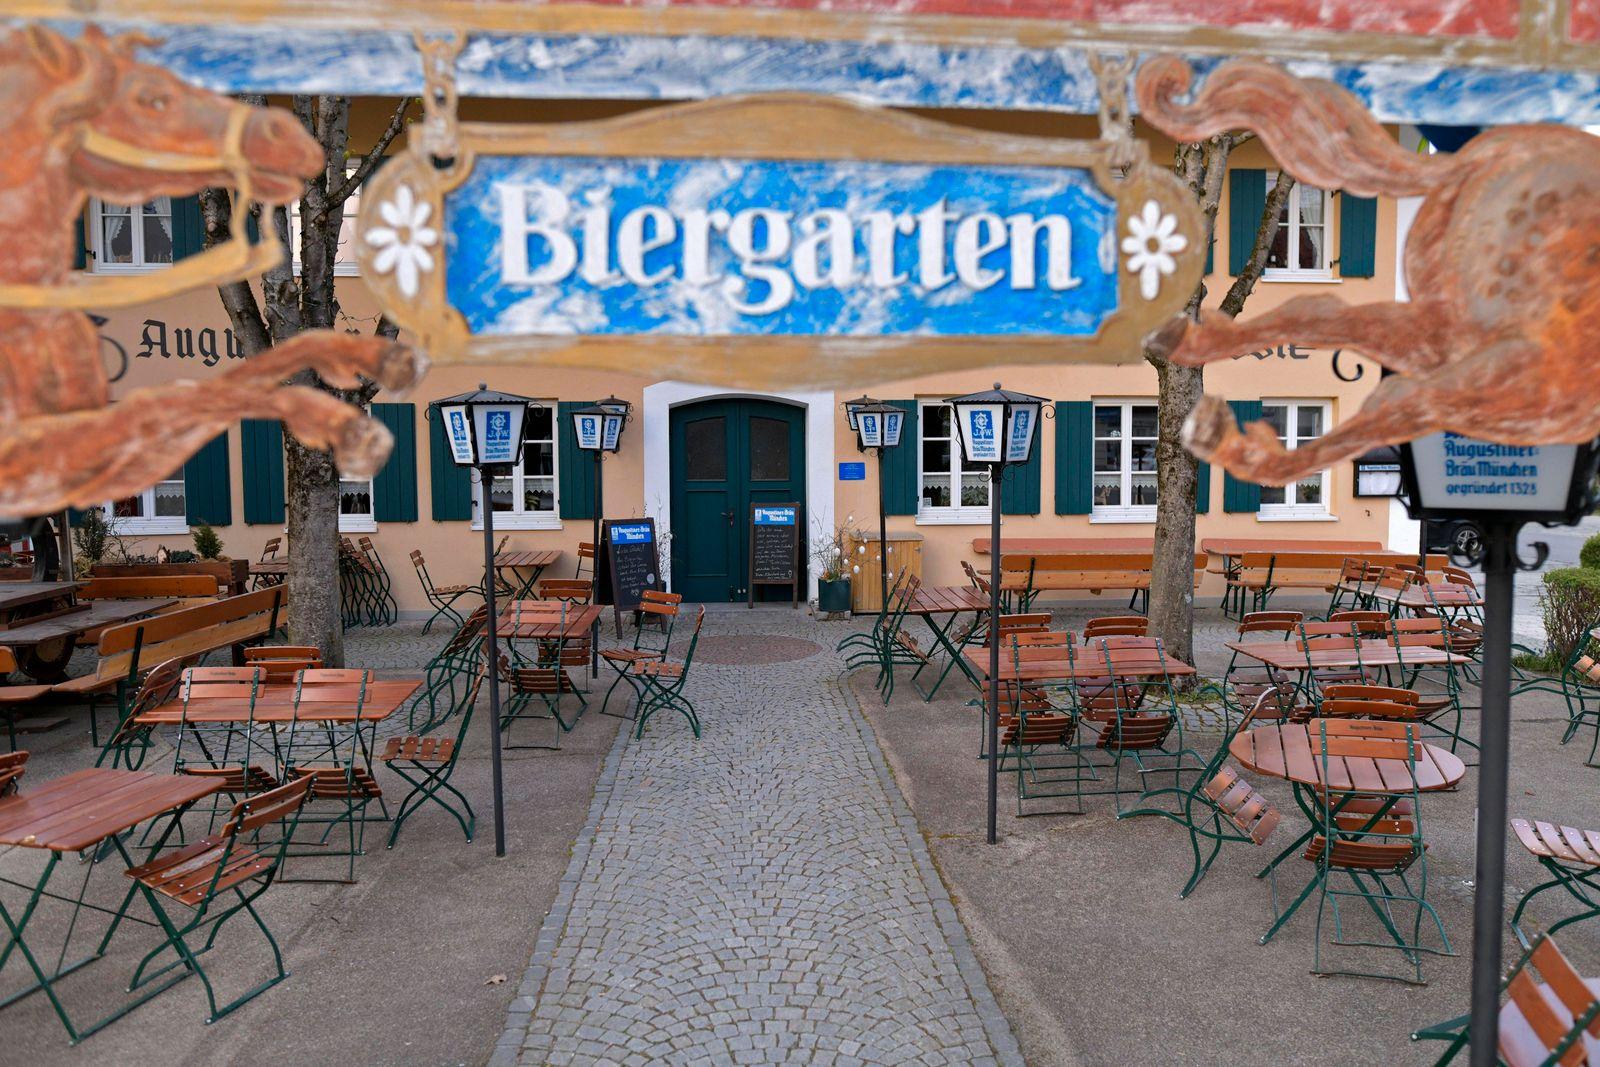 13.04.2020, Ladengeschäfte und Restaurants schliessen wegen Corona-Virus-Pandemie in Bad Wörishofen, Tische und Stühle